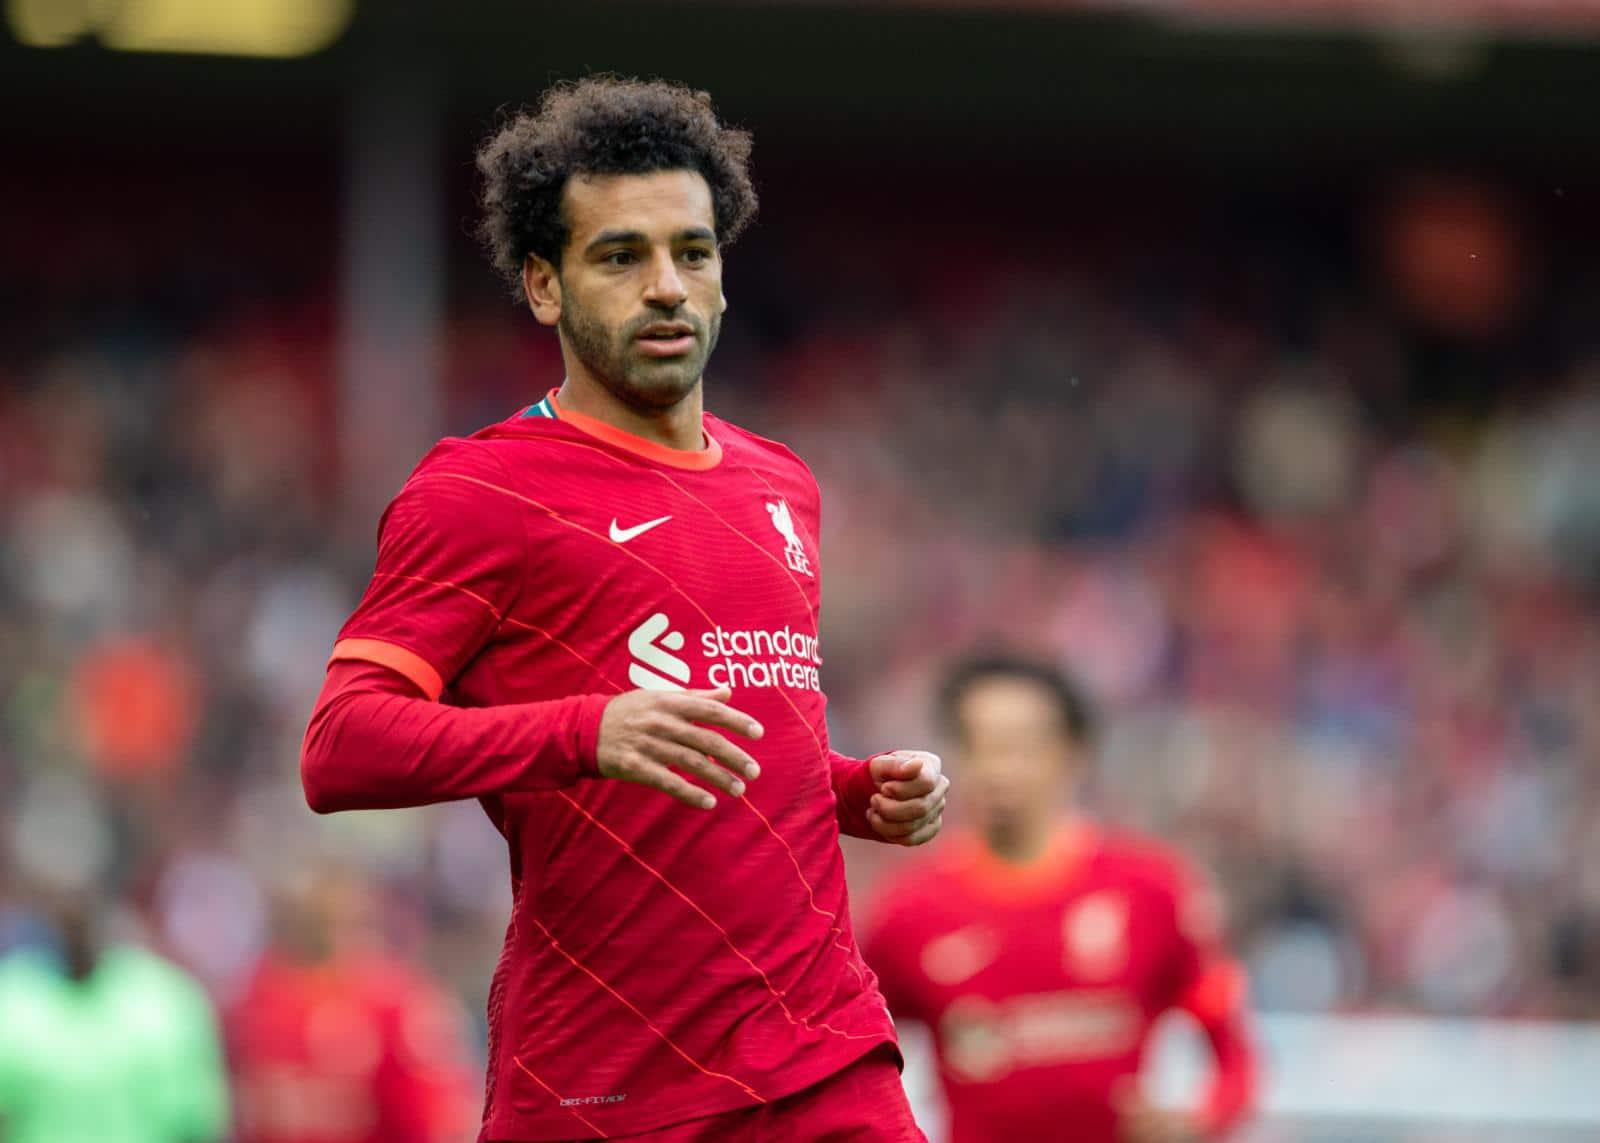 محمد صلاح يضع شرطه التعجيزي لتجديد عقده مع ليفربول